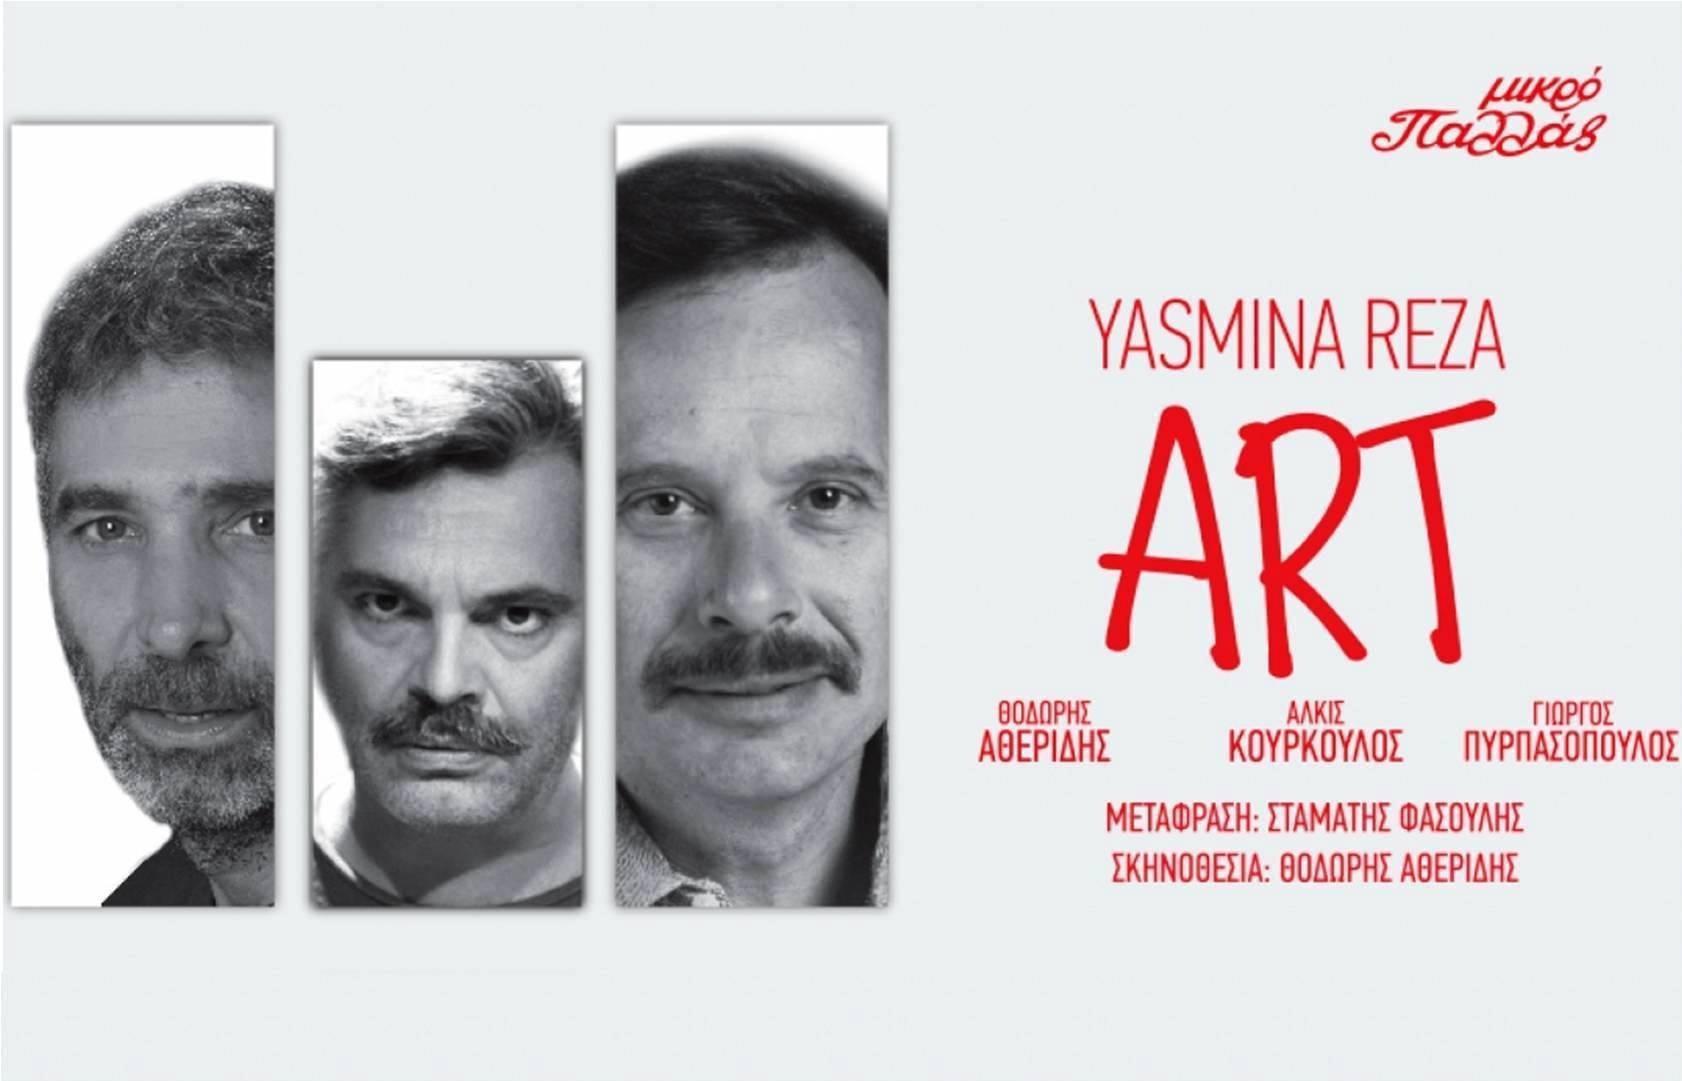 Από 12€ για είσοδο 1 ατόμου στο ''ART'', τη καλύτερη κωμωδία της Γιασμίνα Ρεζά, στο Μικρό Παλλάς, με τους Θοδωρή Αθερίδη, Άλκη Κουρκουλο & Γιώργο Πυρπασόπουλο, σε μετάφραση Σταμάτη Φασουλή